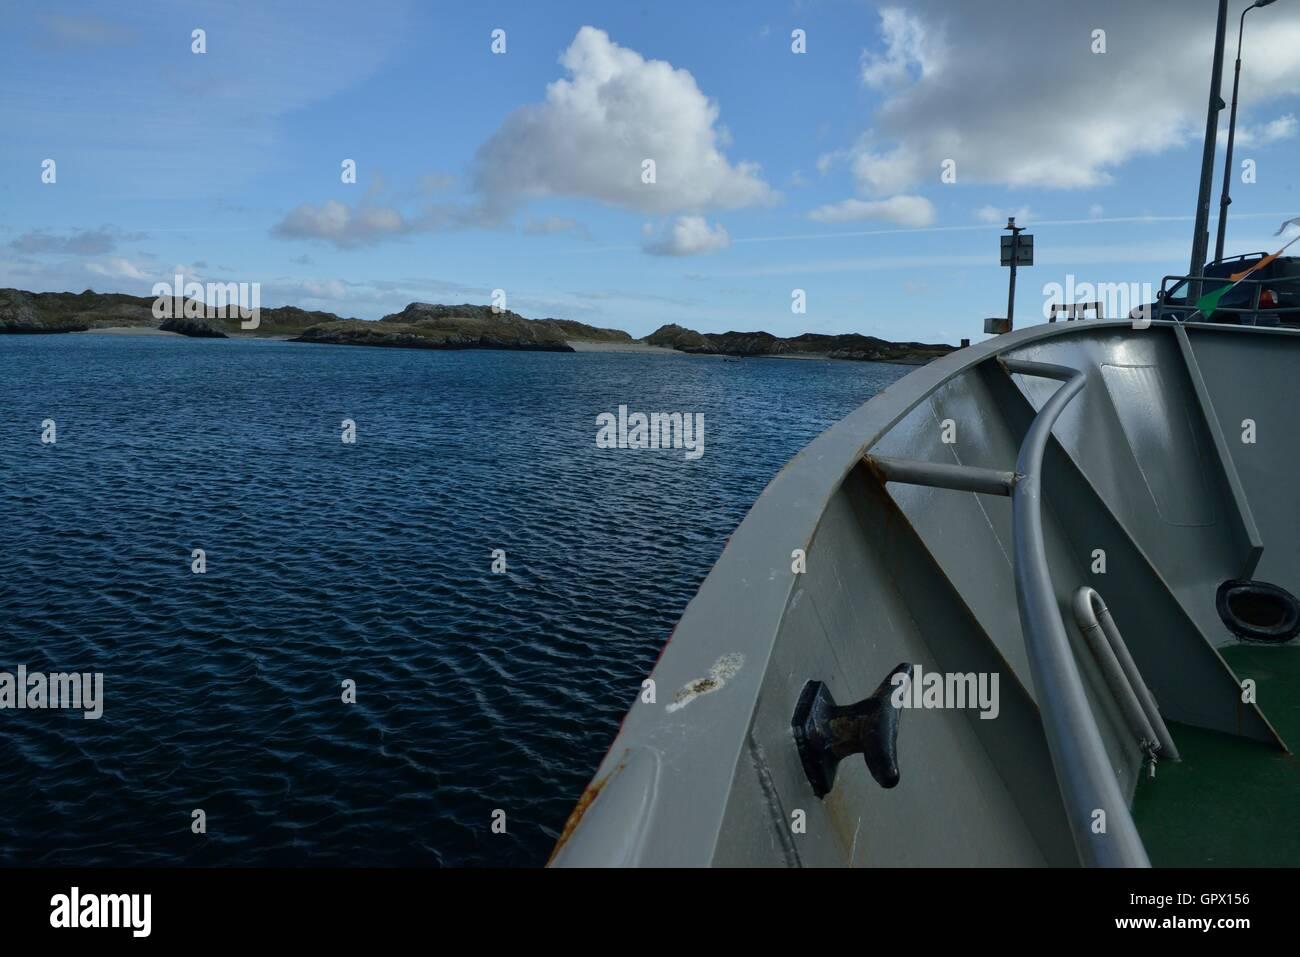 The island of Inishboffin off the coast of Ireland. Île de Inishboffin au large des côtes irlandaises.Het - Stock Image